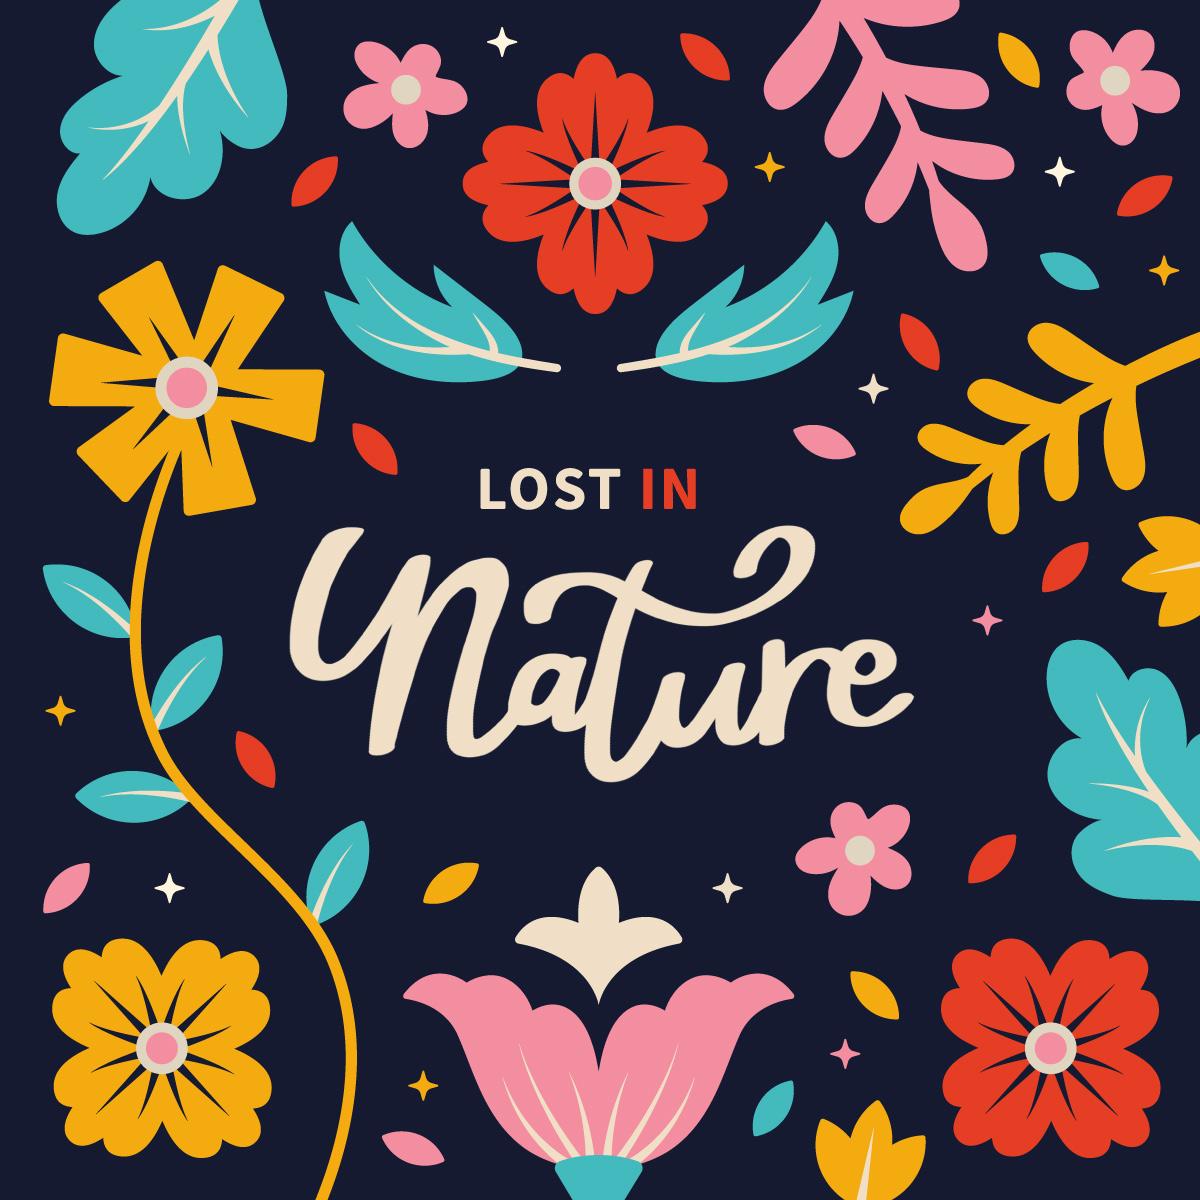 lost-in-nature-update-070619.jpg